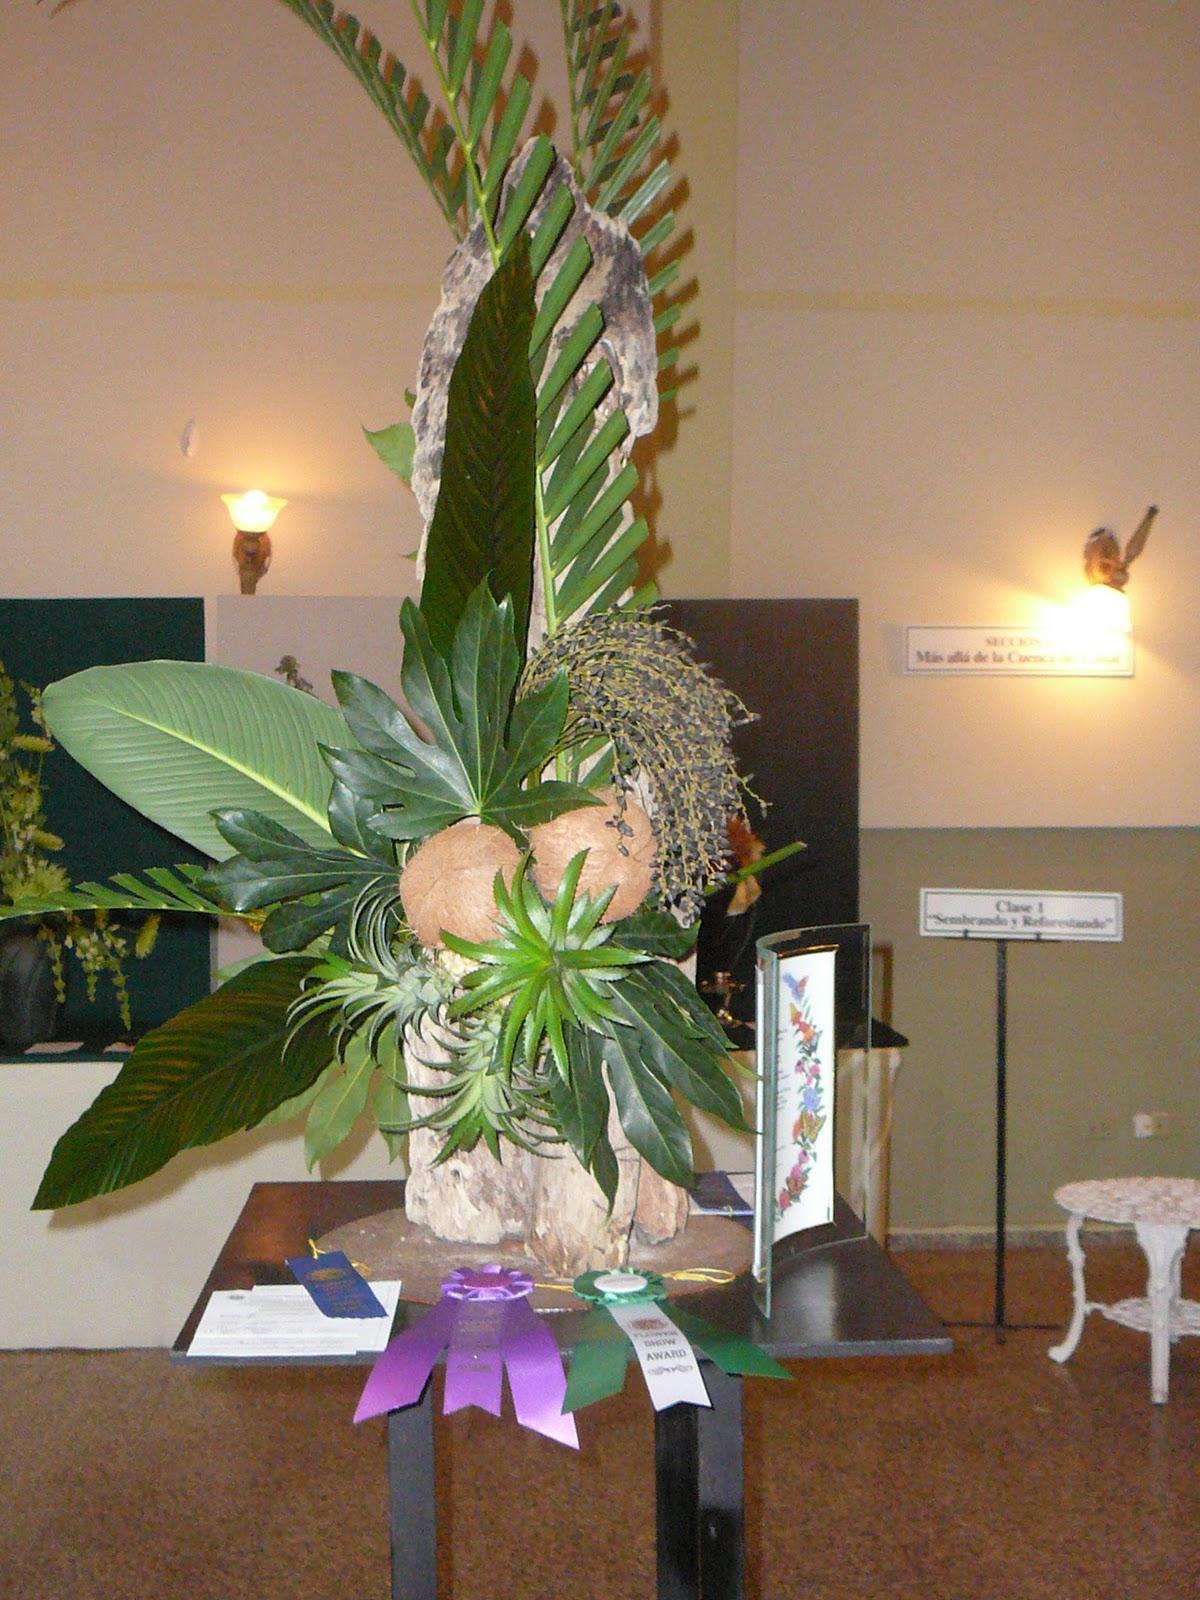 Arreglos florales creativos arreglos creativos d o - Arreglos florales creativos ...